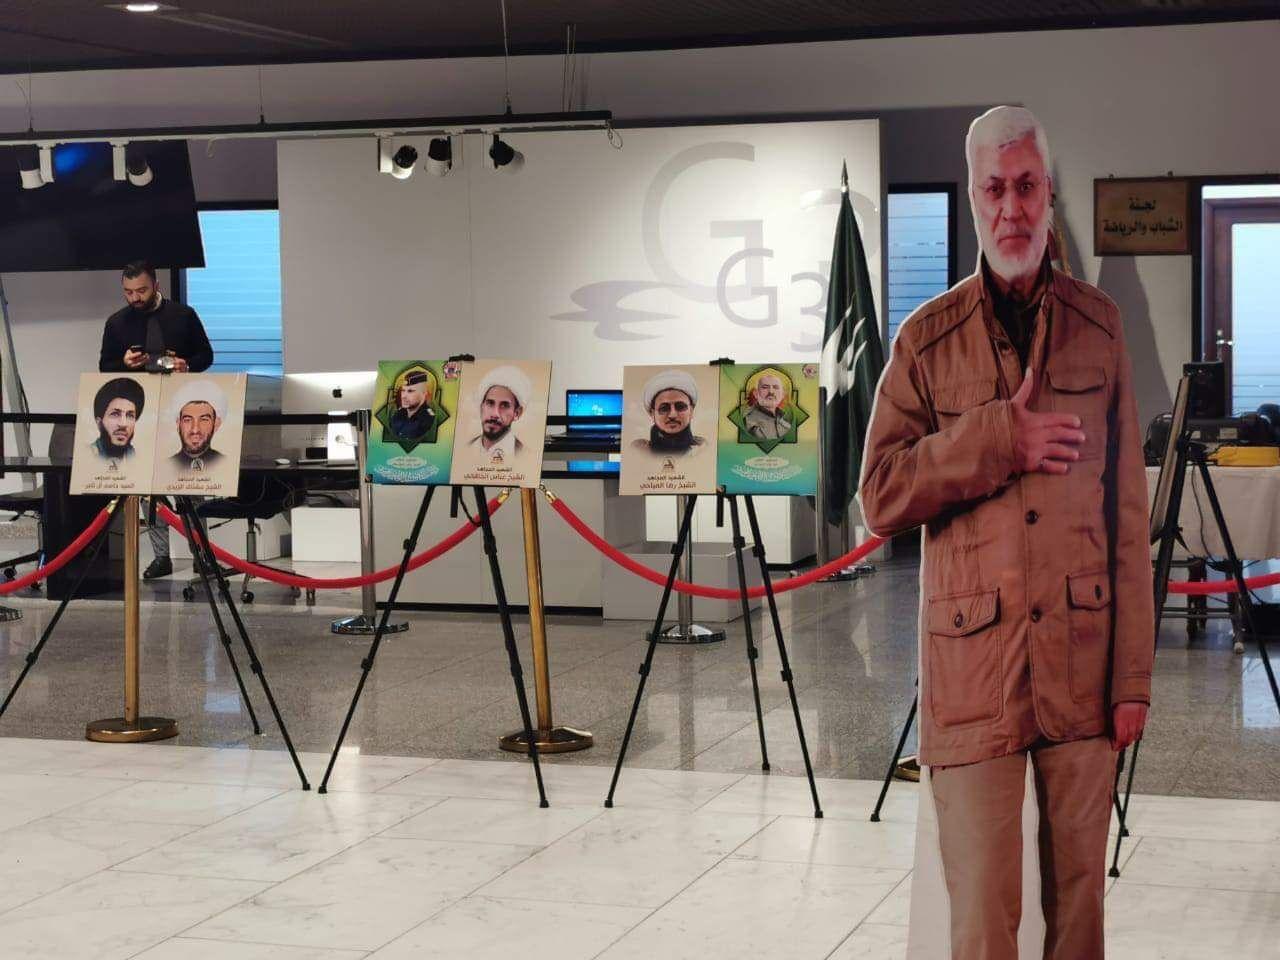 برپایی نمایشگاه ویژه سالگرد شهادت حاج قاسم سلیمانی و ابومهدی المهندس در عراق